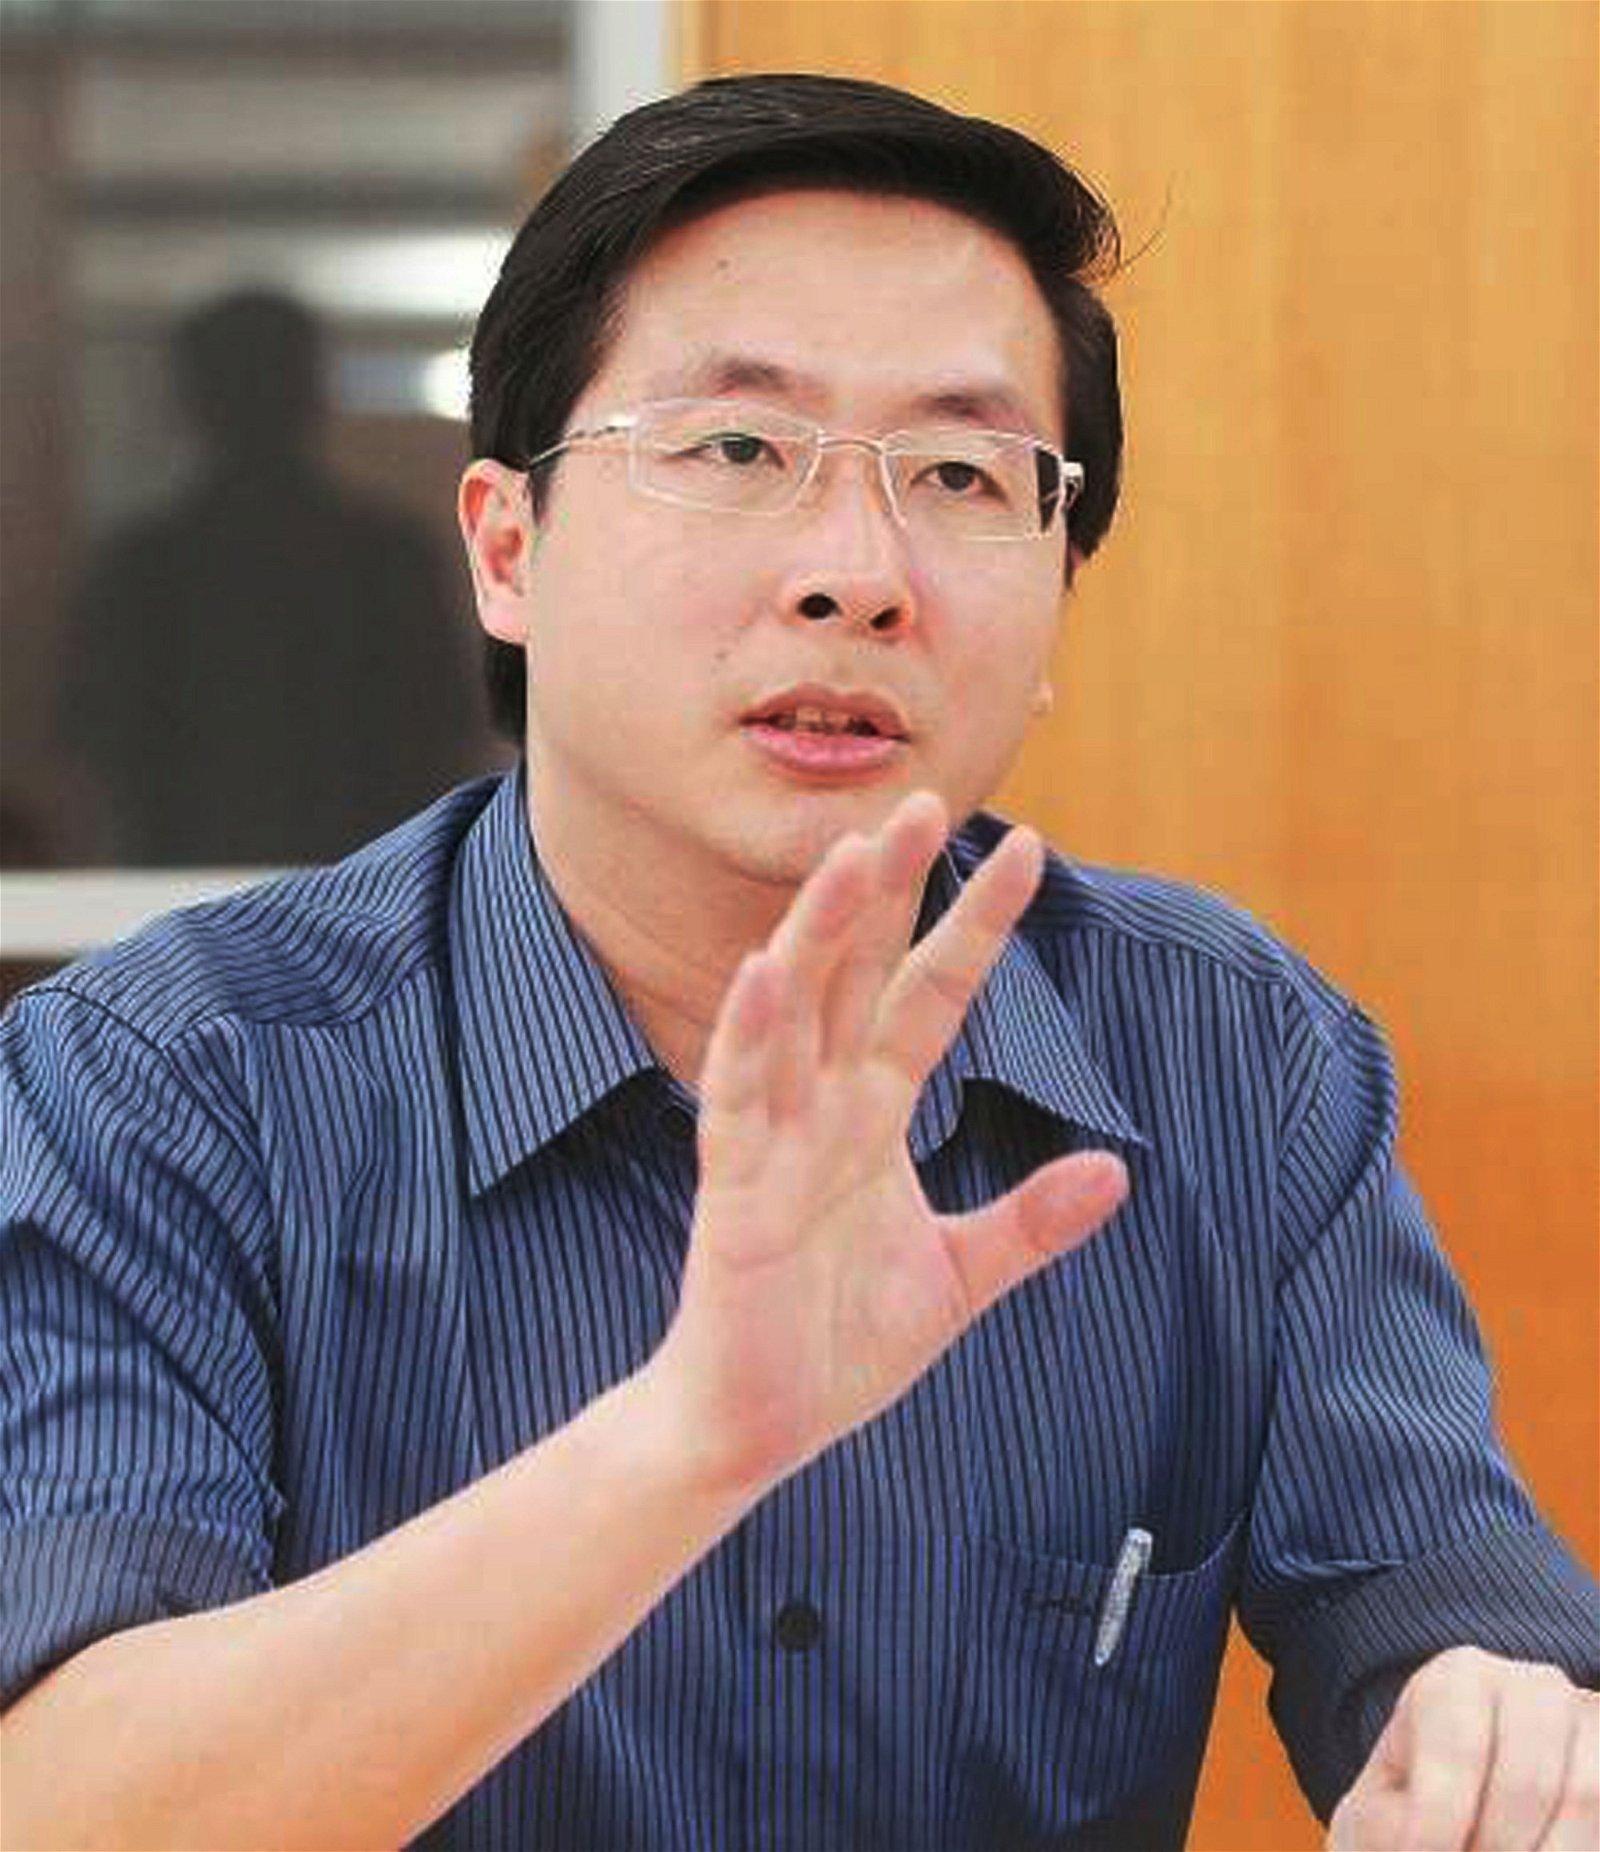 政治评论员潘永强